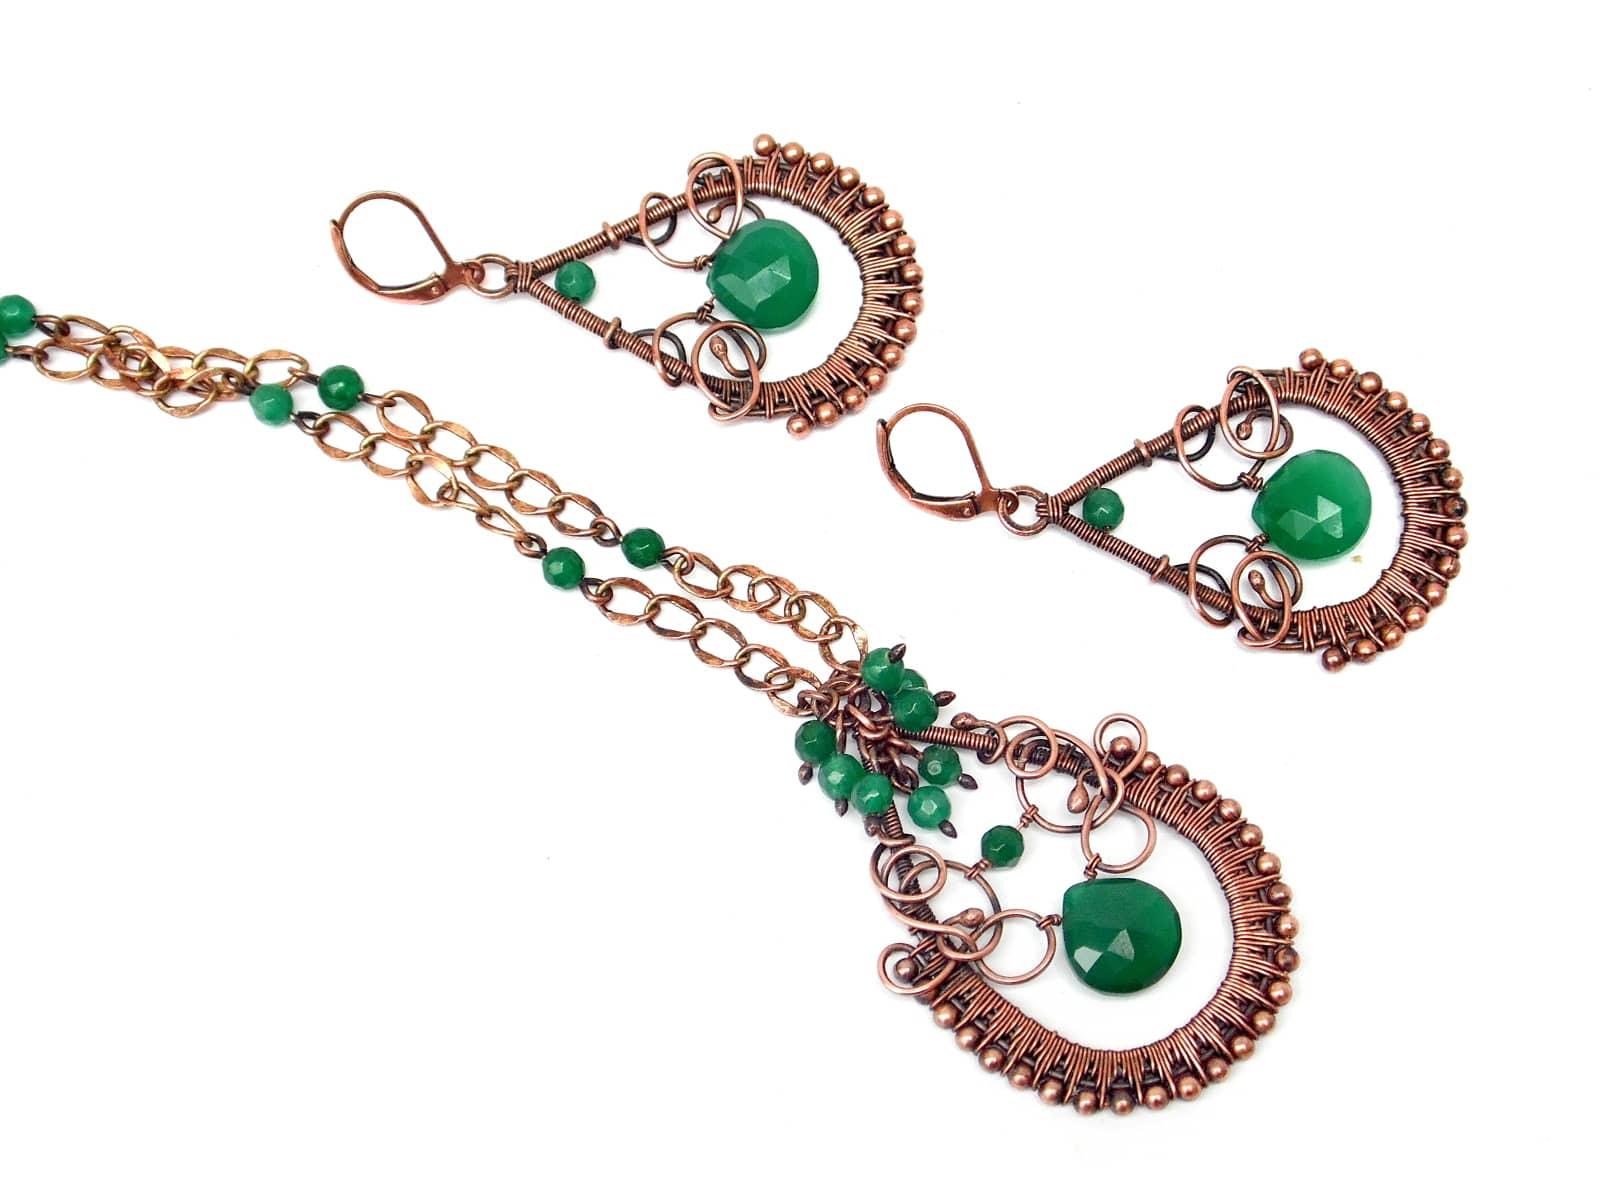 Komplet wire wrapping z miedzi z zielonymi onyksami